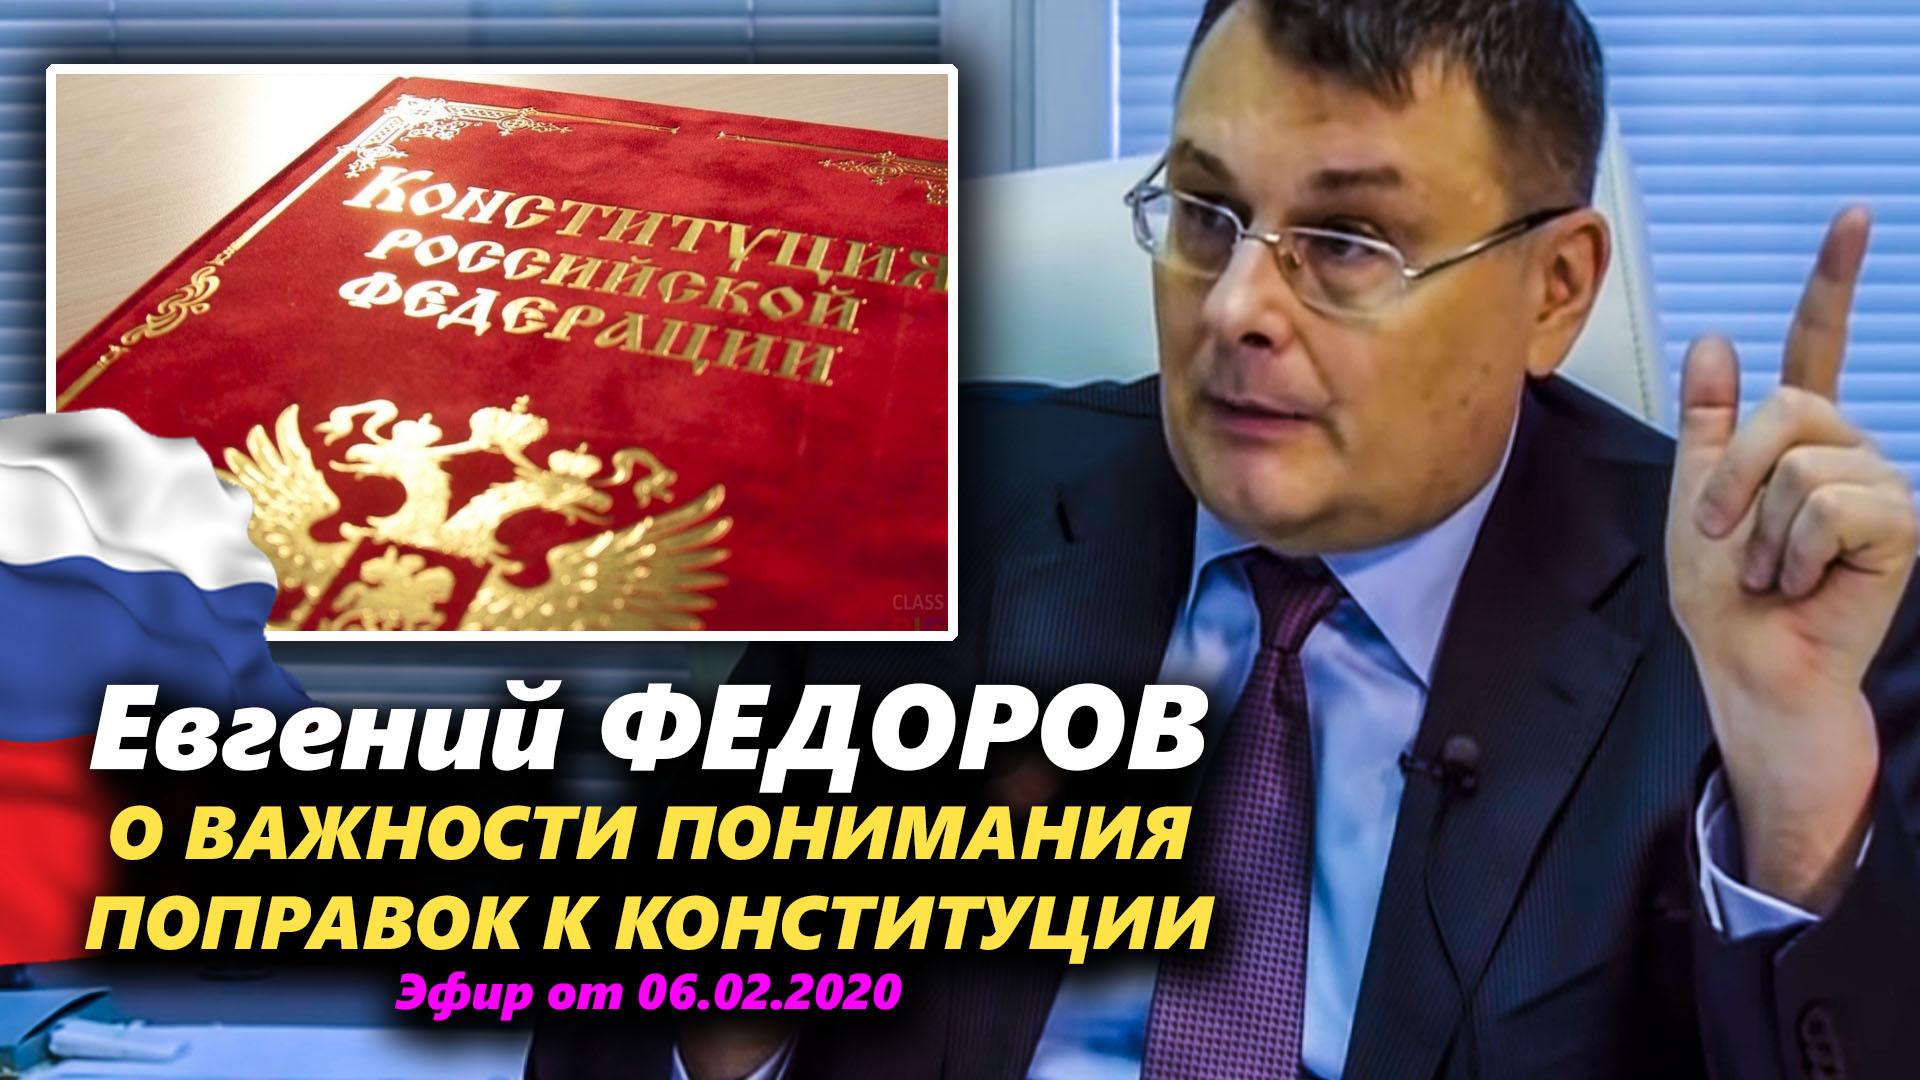 Евгений Федоров о важности понимания грядущих изменений в Конституцию